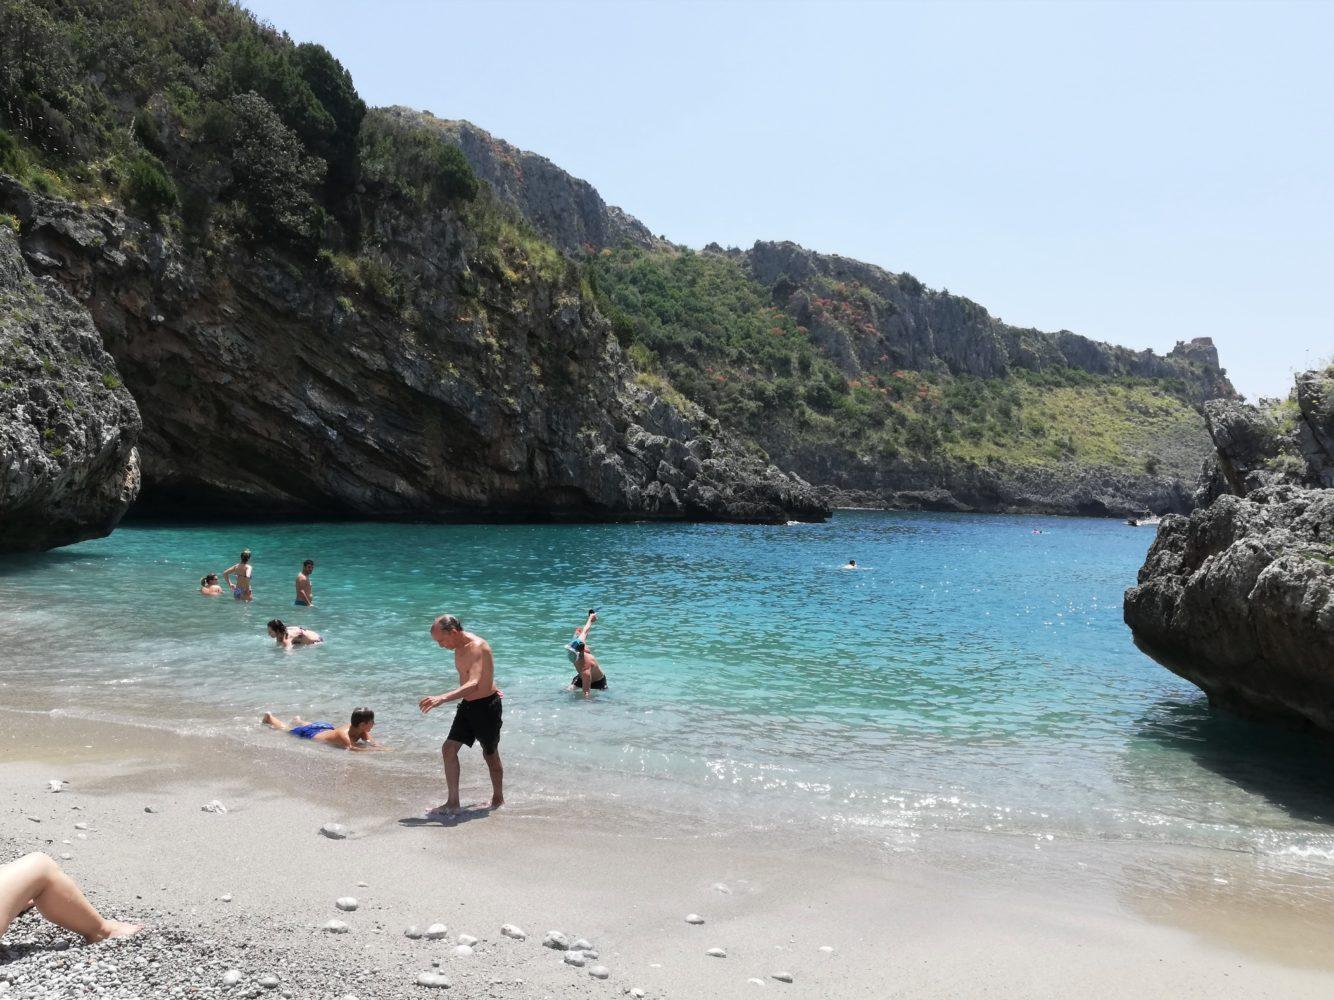 Spiaggia di cala bianca tra marina di camerota e scario cilento il cilentano sul sentiero degli infreschi e della masseta.jpg